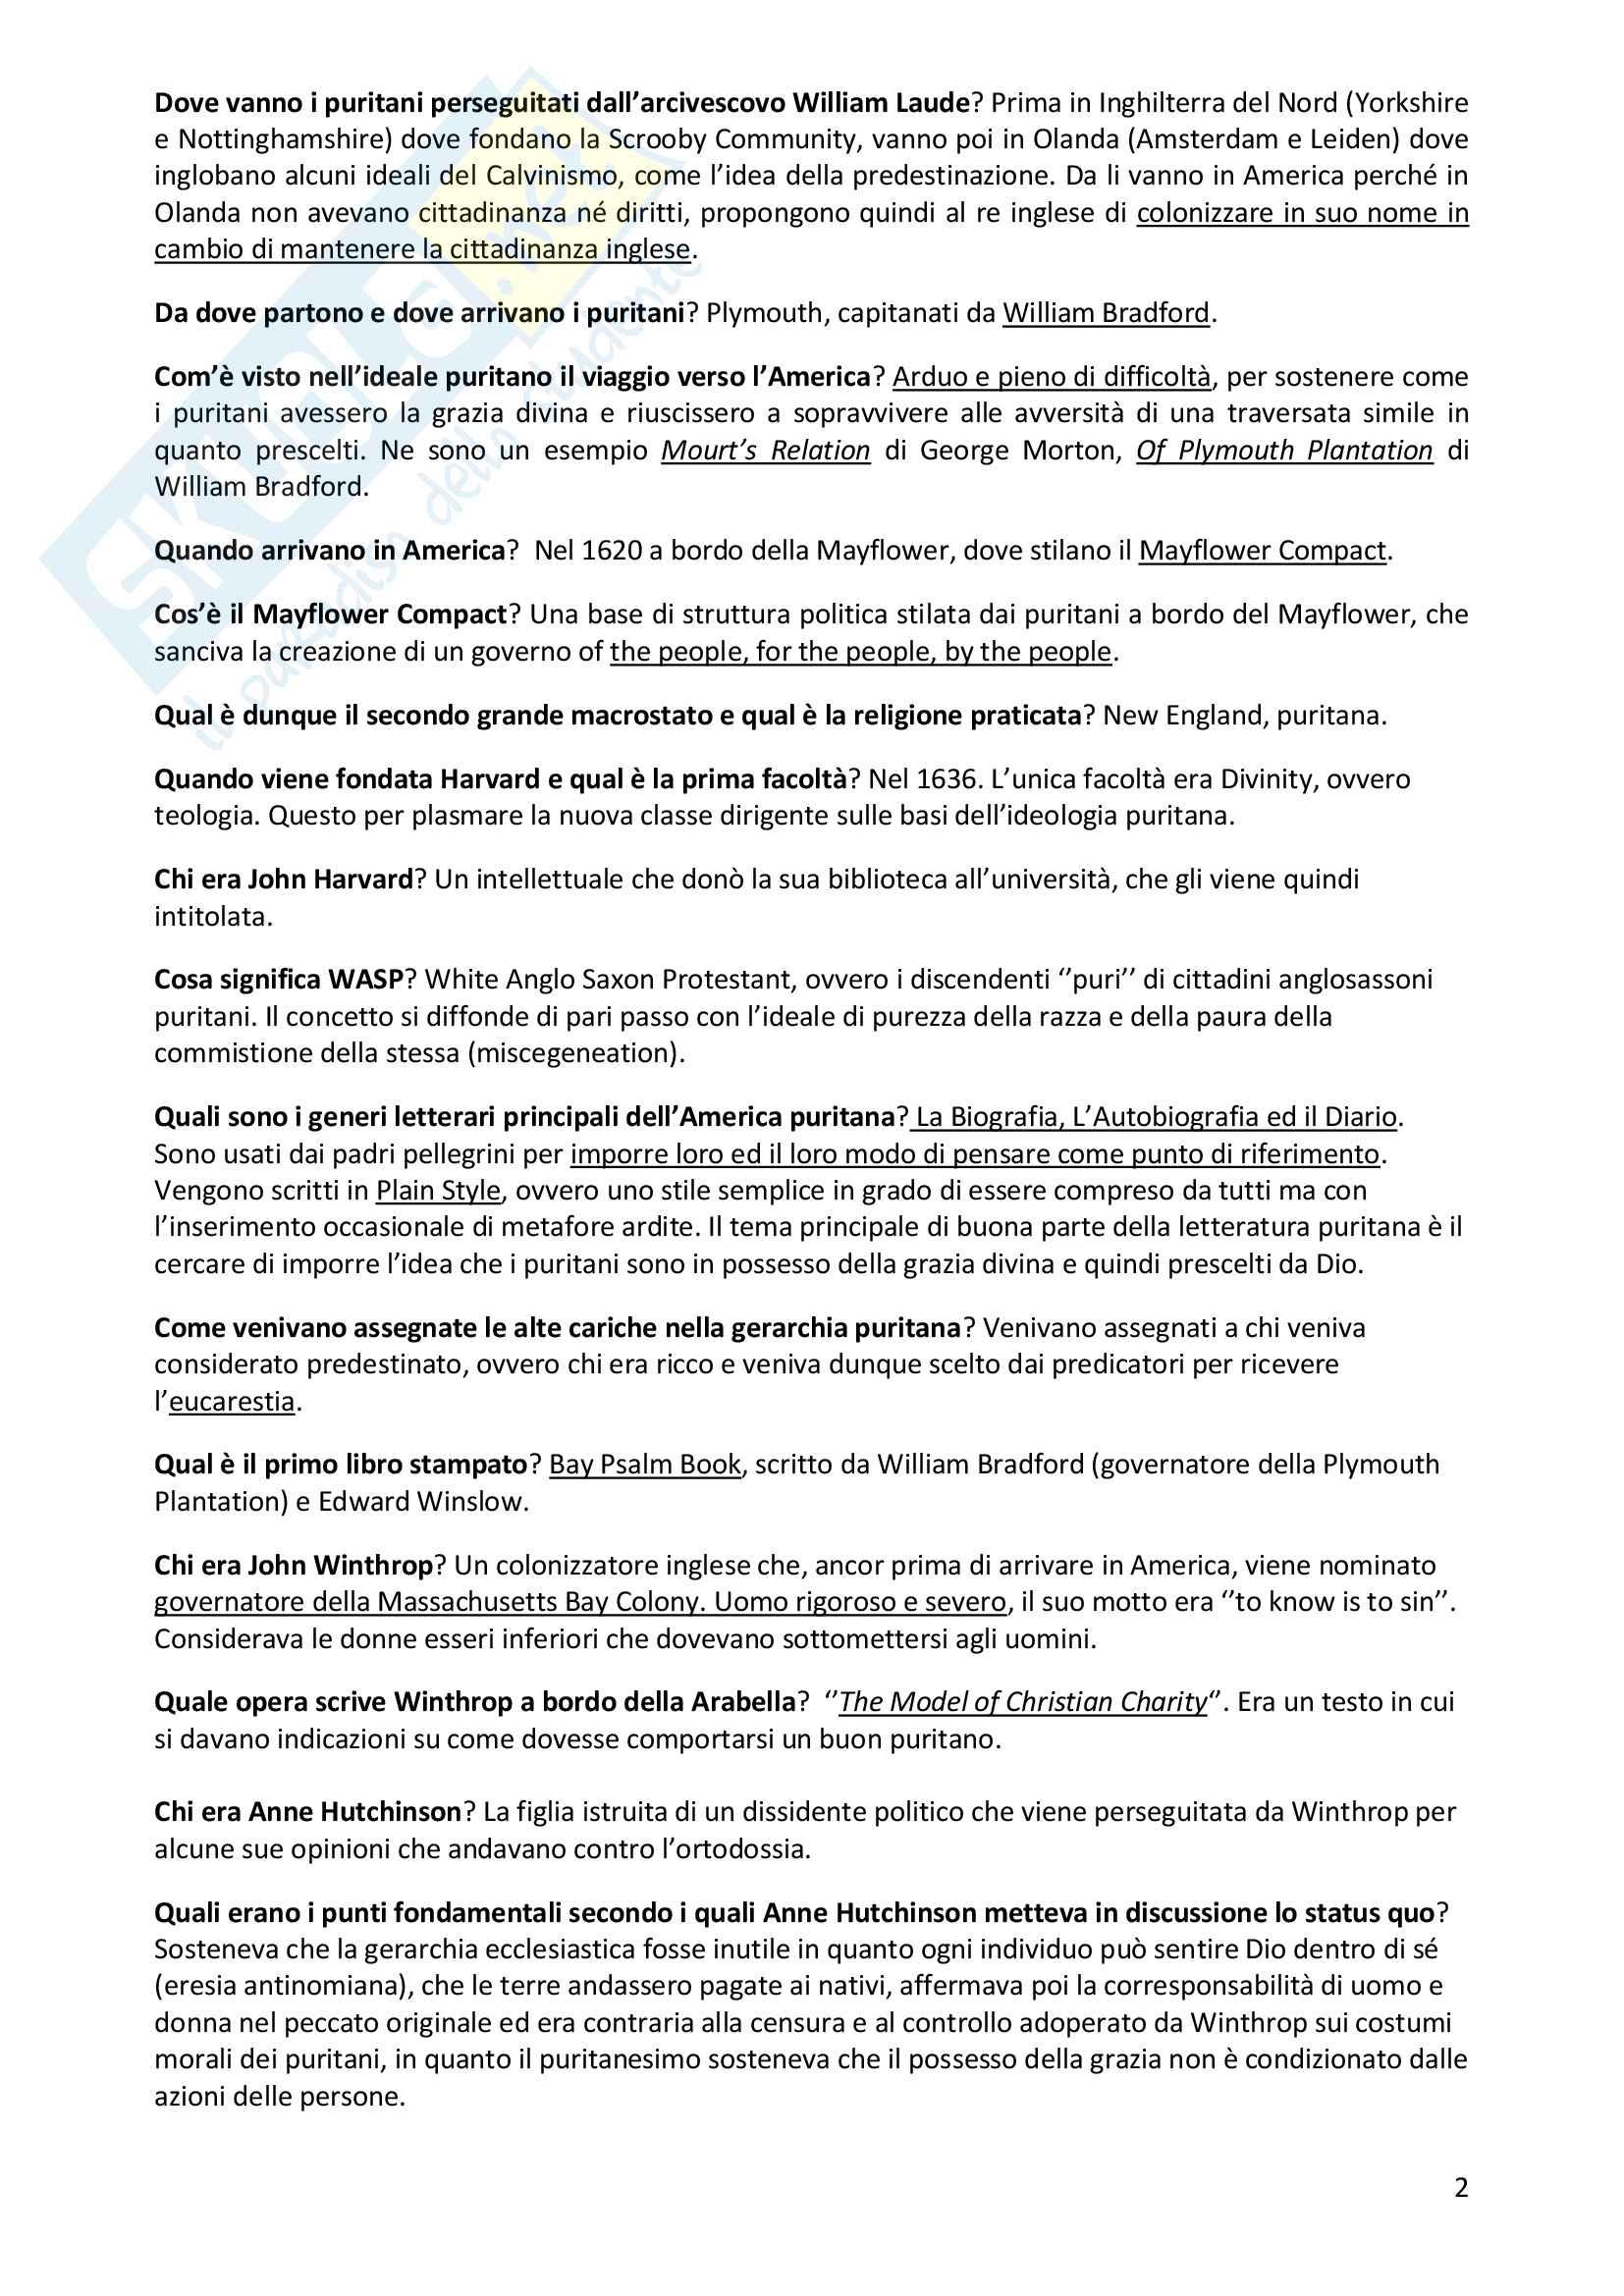 Letteratura Angloamericana 1 - domande frequenti e risposte Pag. 2